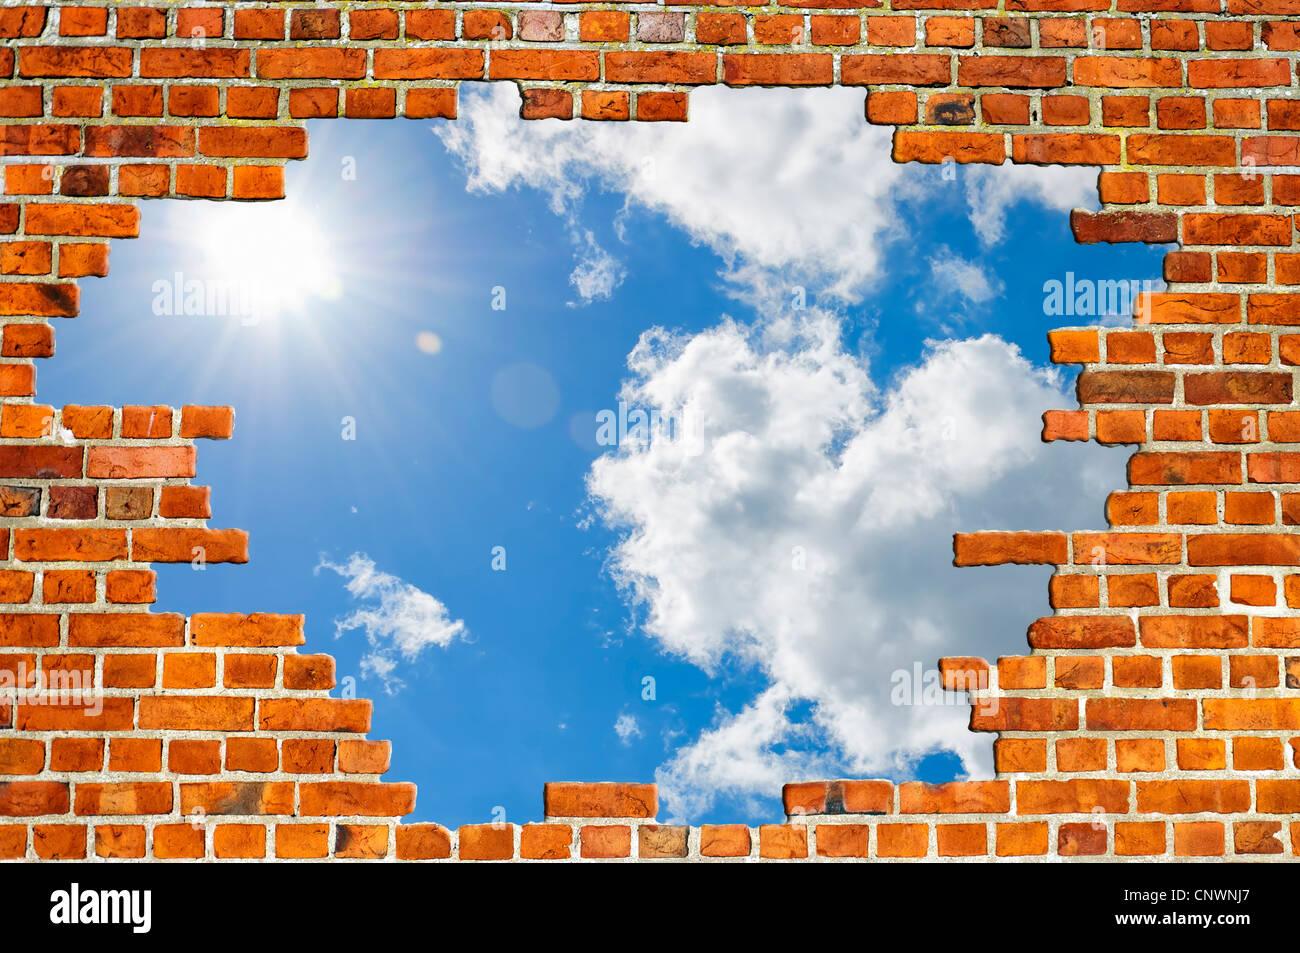 Una vista tipica di una rossa del muro di mattoni texture con un foro pieno di sky per le vostre esigenze di progettazione. Foto Stock